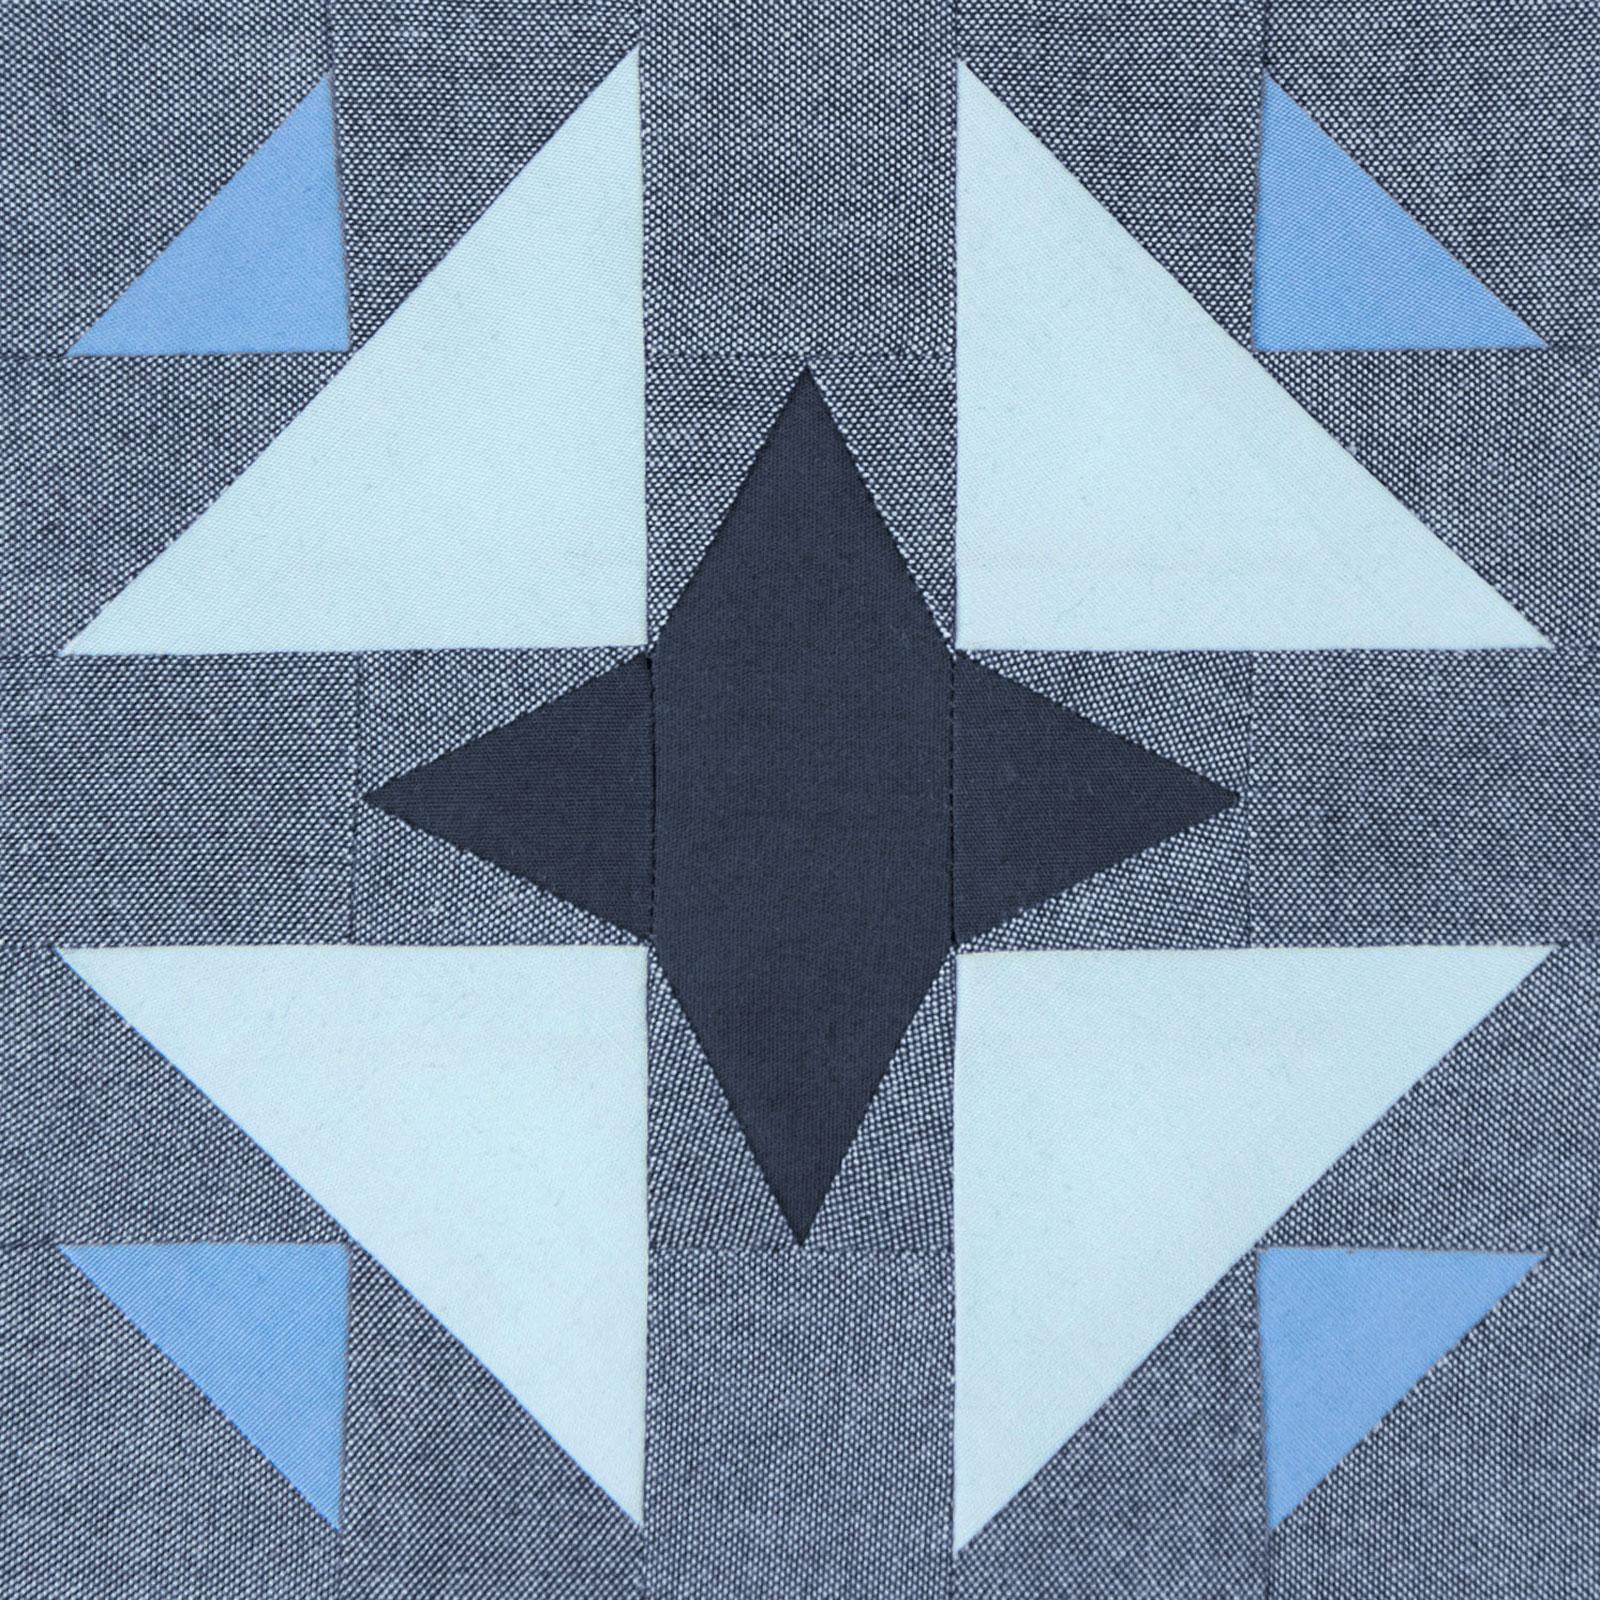 Lodestars quilt block #39: Huda